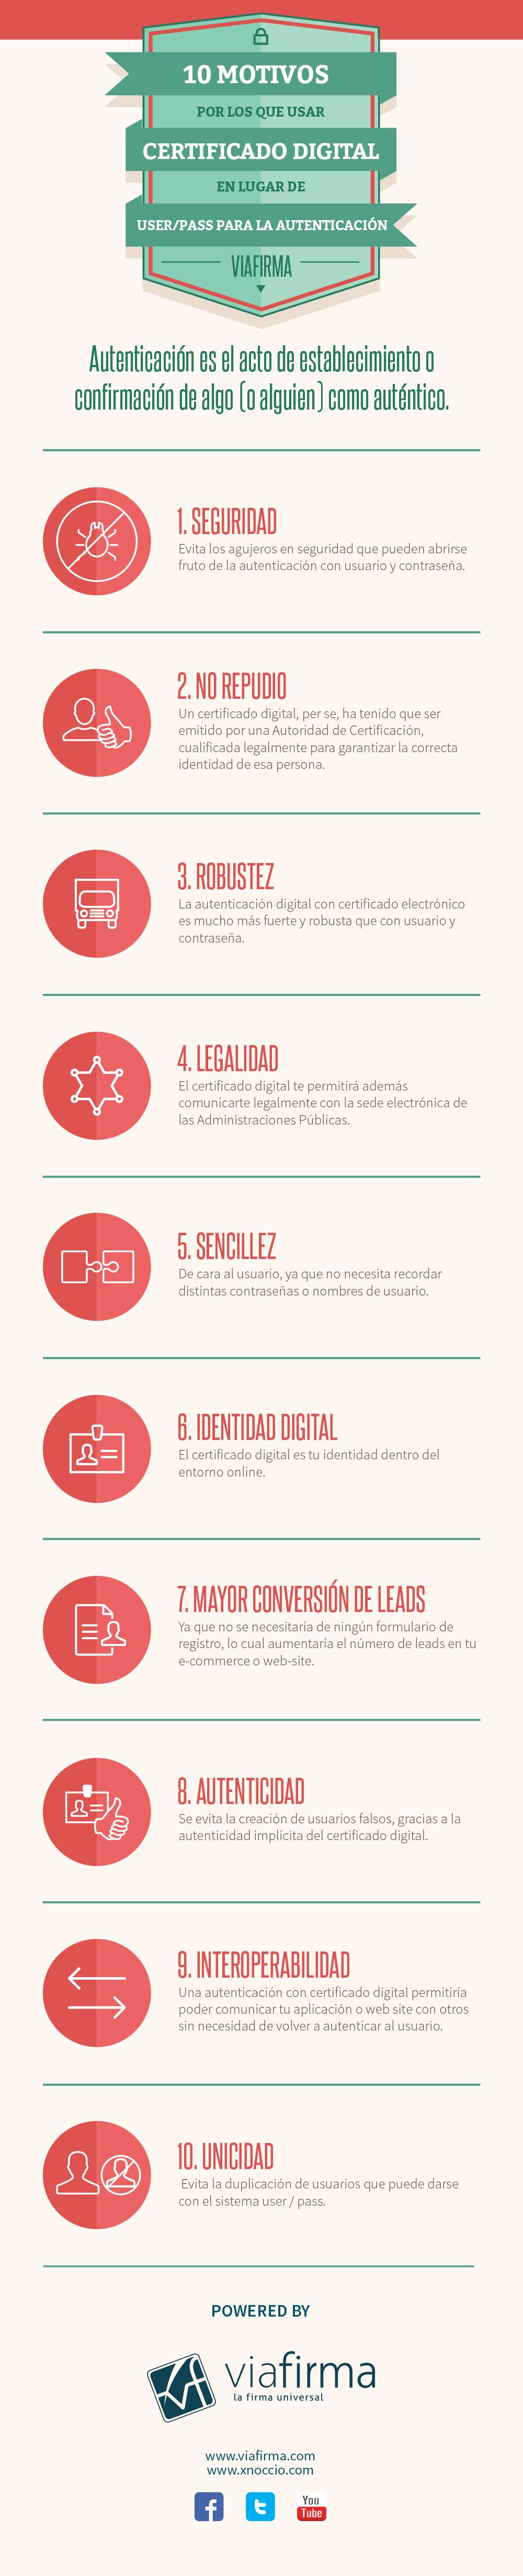 Motivos para usar certificado digital